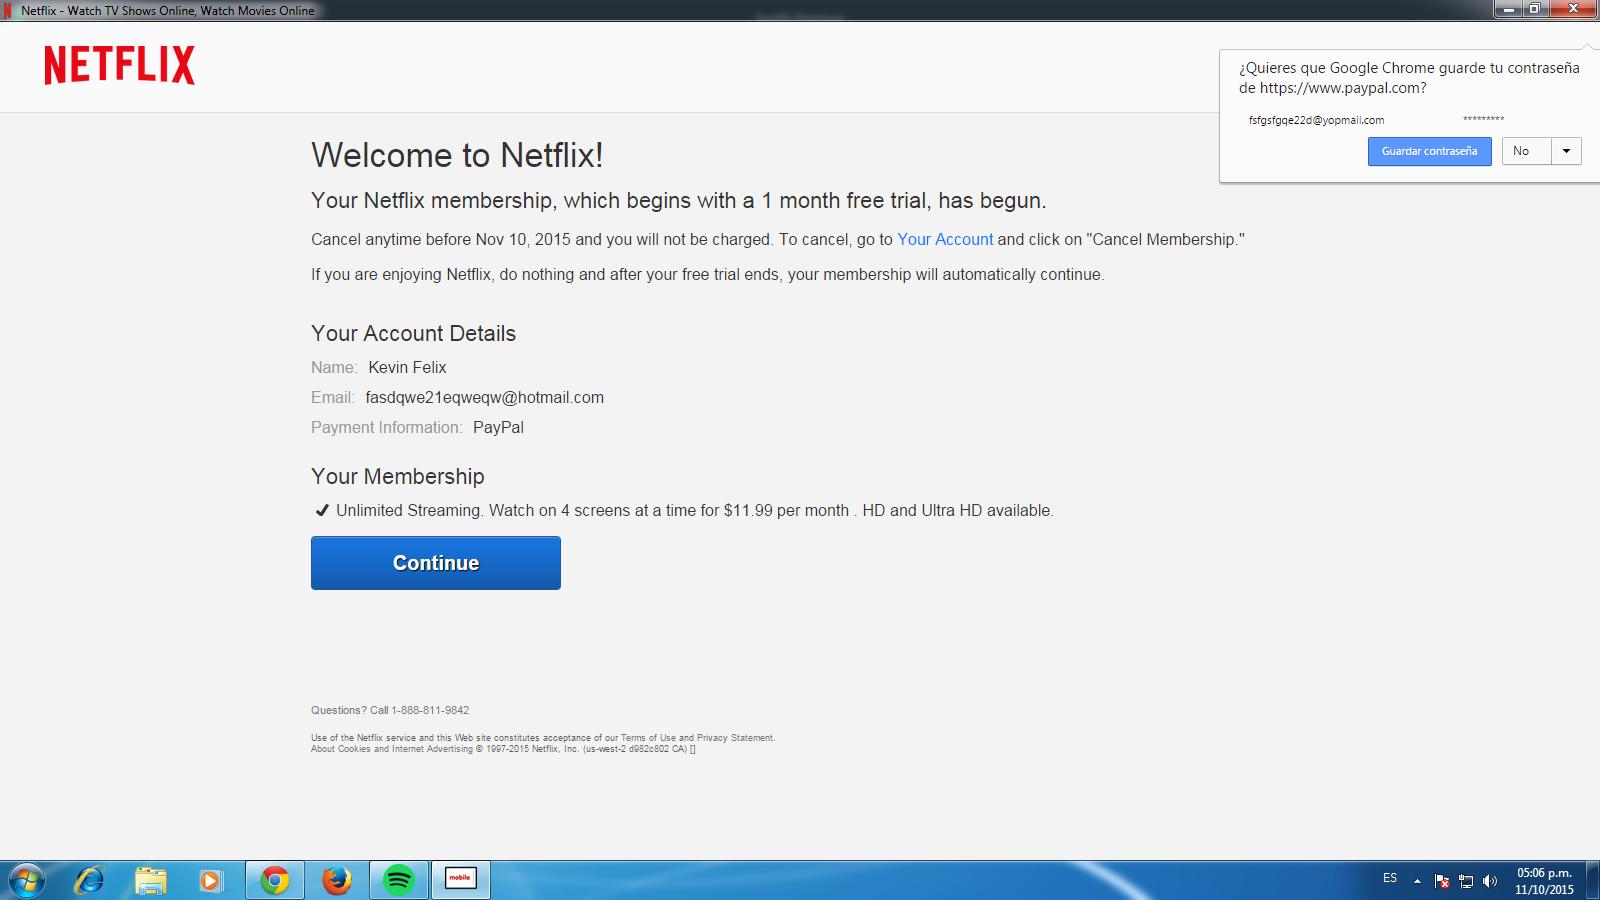 Kevin Piazzoli: Create una cuenta de Netflix IP Canada Octubre 2015